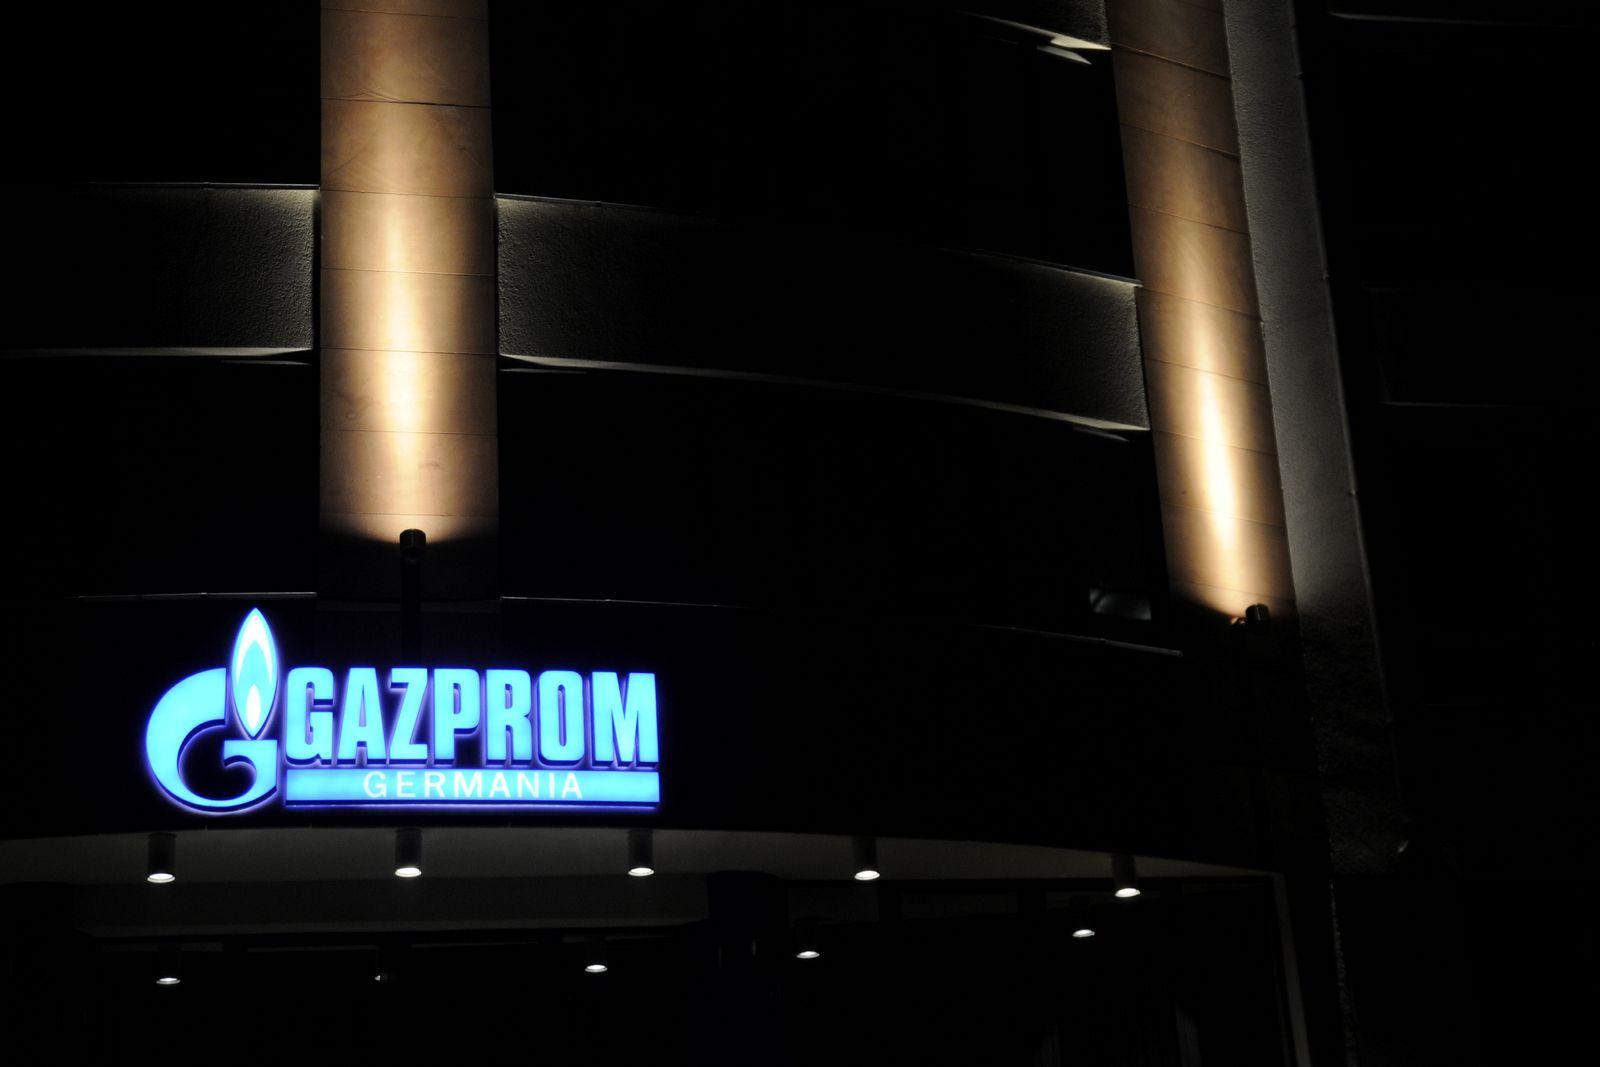 NICHT VERWENDEN Gazprom